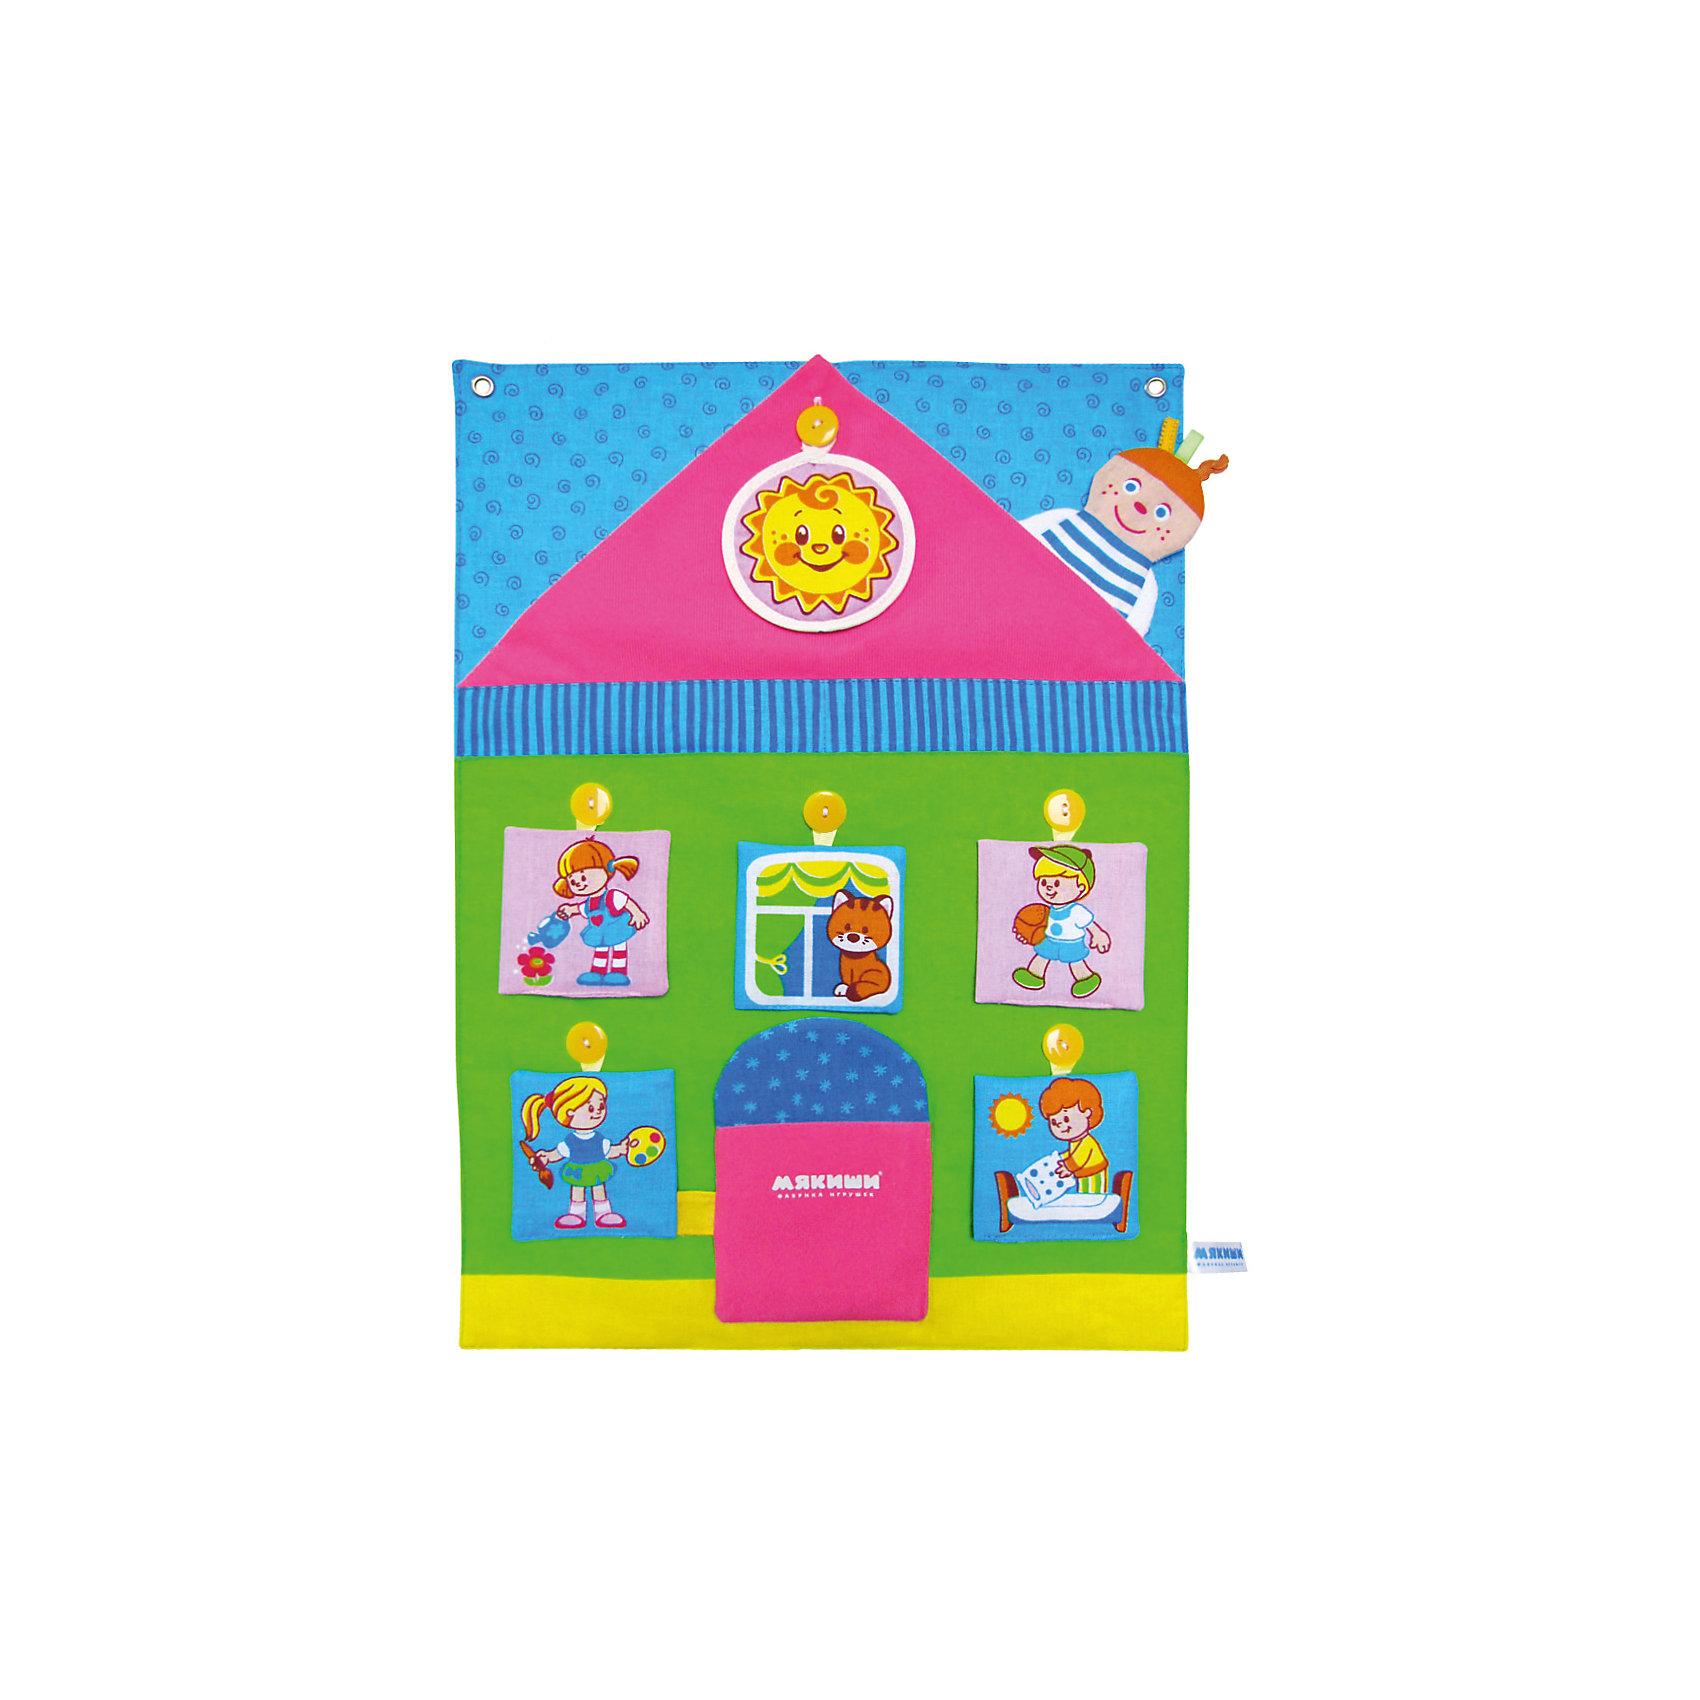 Игрушка  «Я сам», МякишиИнтерактивная развивающая игра Я сам, Мякиши, в веселой игровой форме поможет приучить малыша к распорядку дня: умываться, убирать за собой игрушки, заправлять постель и выполнять другие полезные действия. Игрушка выполнена в виде красочного текстильного домика-панно в котором живут веселые малыши. Их ежедневные дела и занятия представлены в виде шестнадцати легко узнаваемых сюжетов на мягких карточках - они умываются, заправляют кровать, моют посуду, поливают цветы и делают другие важные дела. Карточки прикрепляются к домику с помощью петелек и пуговичек. Форма и содержание игрового комплекса разработаны с учётом возрастных особенностей ребёнка. Нарядный домик, красочные карточки с картинками-заданиями и забавная куколка на руку сделают обучение доступным и интересным, ребенок научится ставить собственные повседневные цели и направлять свою активность на их достижение. Игрушка изготовлена из мягких, приятных на ощупь из гипоаллергенных материалов. Способствует развитию восприятия формы и цвета, стимулирует речевое развитие и воображение.<br><br>Дополнительная информация:<br><br>- В комплекте: домик-панно, 9 двусторонних карточек, куколка на руку, медалька, элемент с солнышком.<br>- Материал: 100% х/б ткань, трикотажное полотно, синтепон, спанбонд, швейная фурнитура.<br>- Размер домика: 48 х 35 см.<br>- Размер карточки: 8 х 8 см. <br>- Размер упаковки: 56 х 36 х 2,5 см.<br>- Вес: 0,35 кг.<br><br>Игрушку Я сам, Мякиши, можно купить в нашем интернет-магазине.<br><br>Ширина мм: 480<br>Глубина мм: 100<br>Высота мм: 350<br>Вес г: 400<br>Возраст от месяцев: 12<br>Возраст до месяцев: 36<br>Пол: Унисекс<br>Возраст: Детский<br>SKU: 4424933